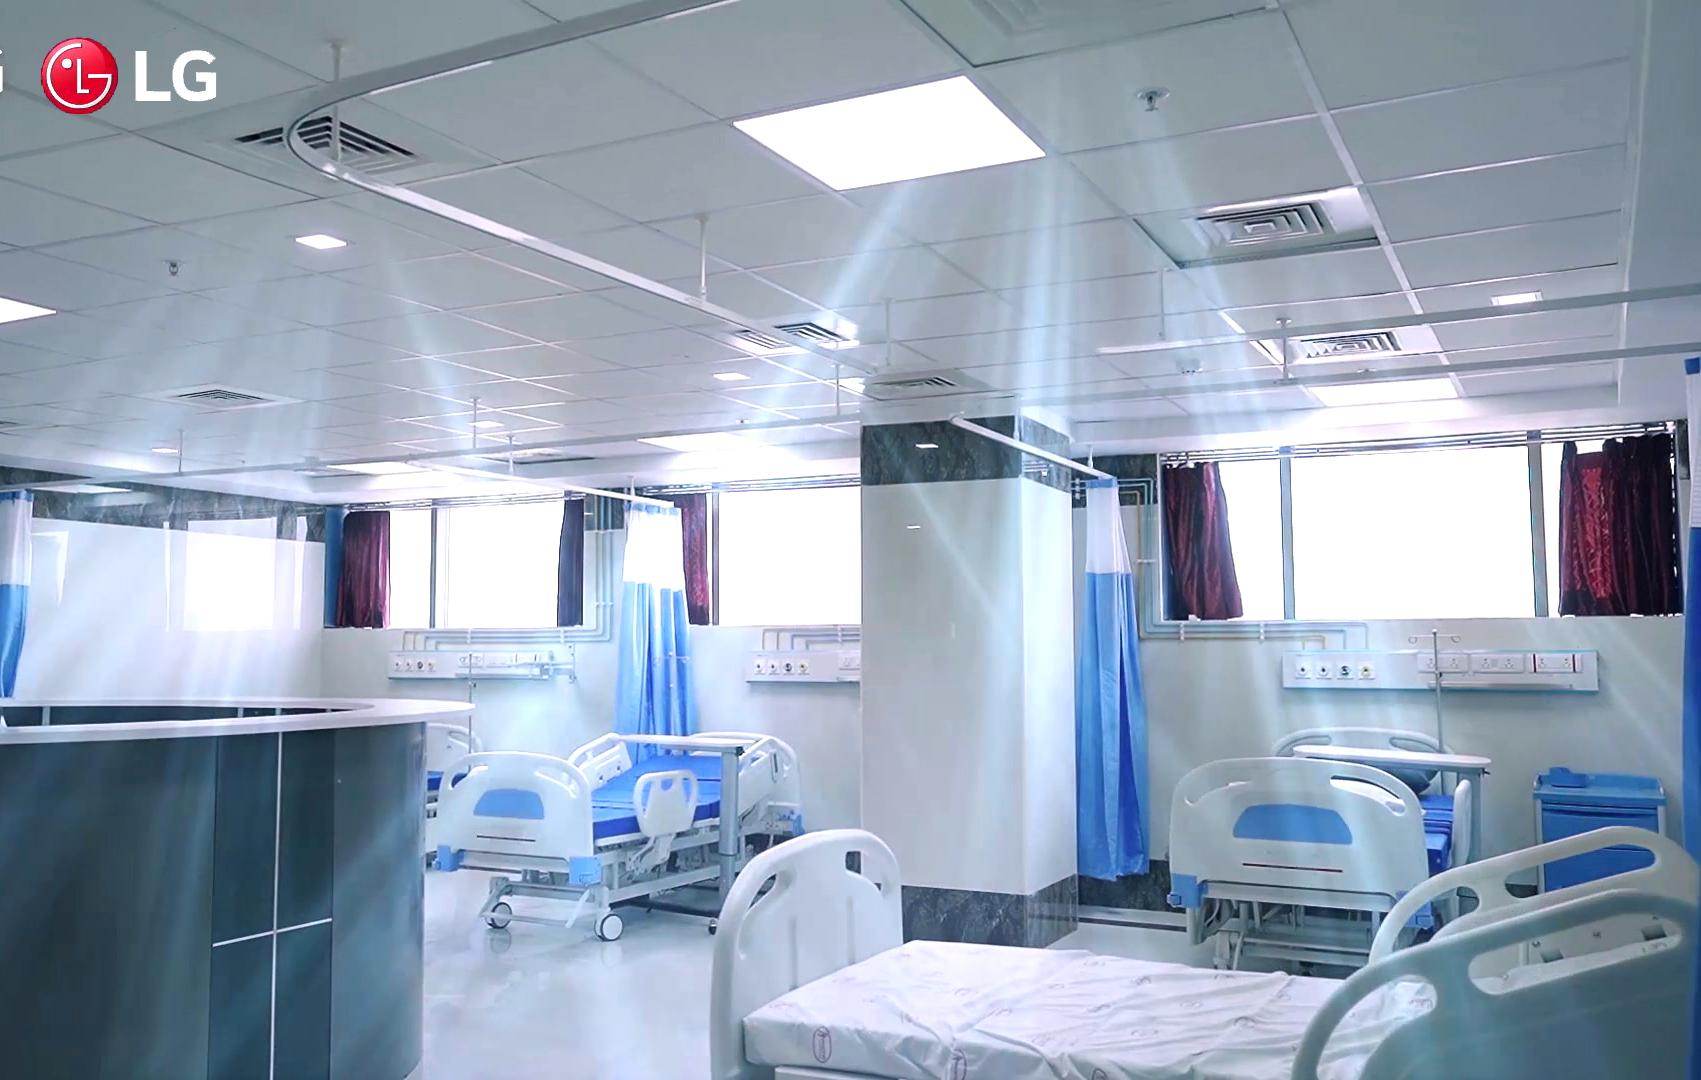 Tendencias que impactan las instalaciones sanitarias que están planificando renovaciones